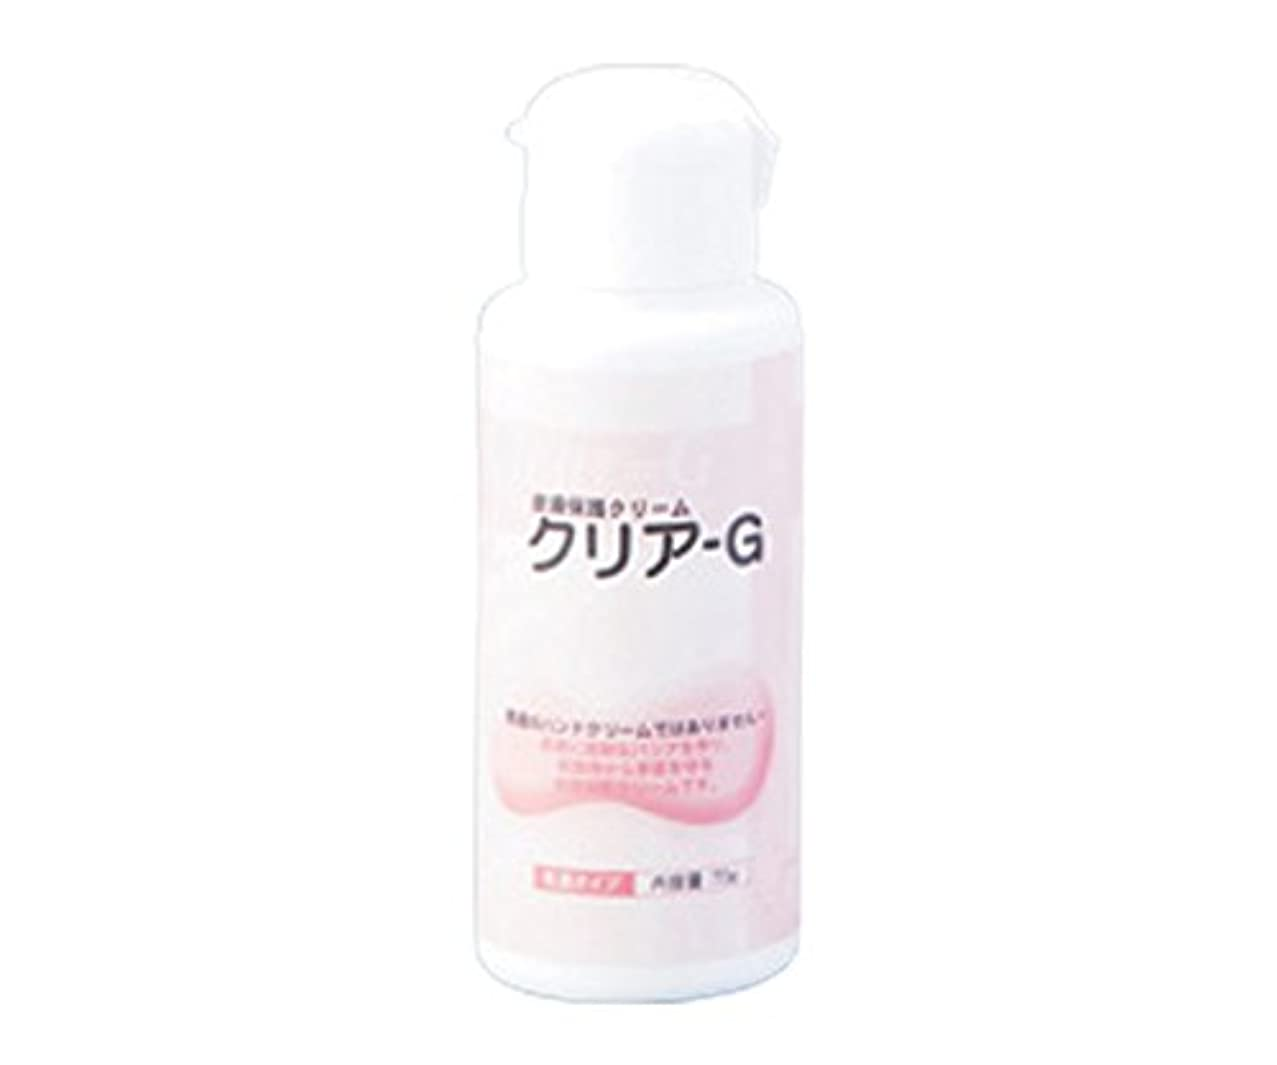 再現する業界机皮膚保護クリーム(クリア-G) 70g